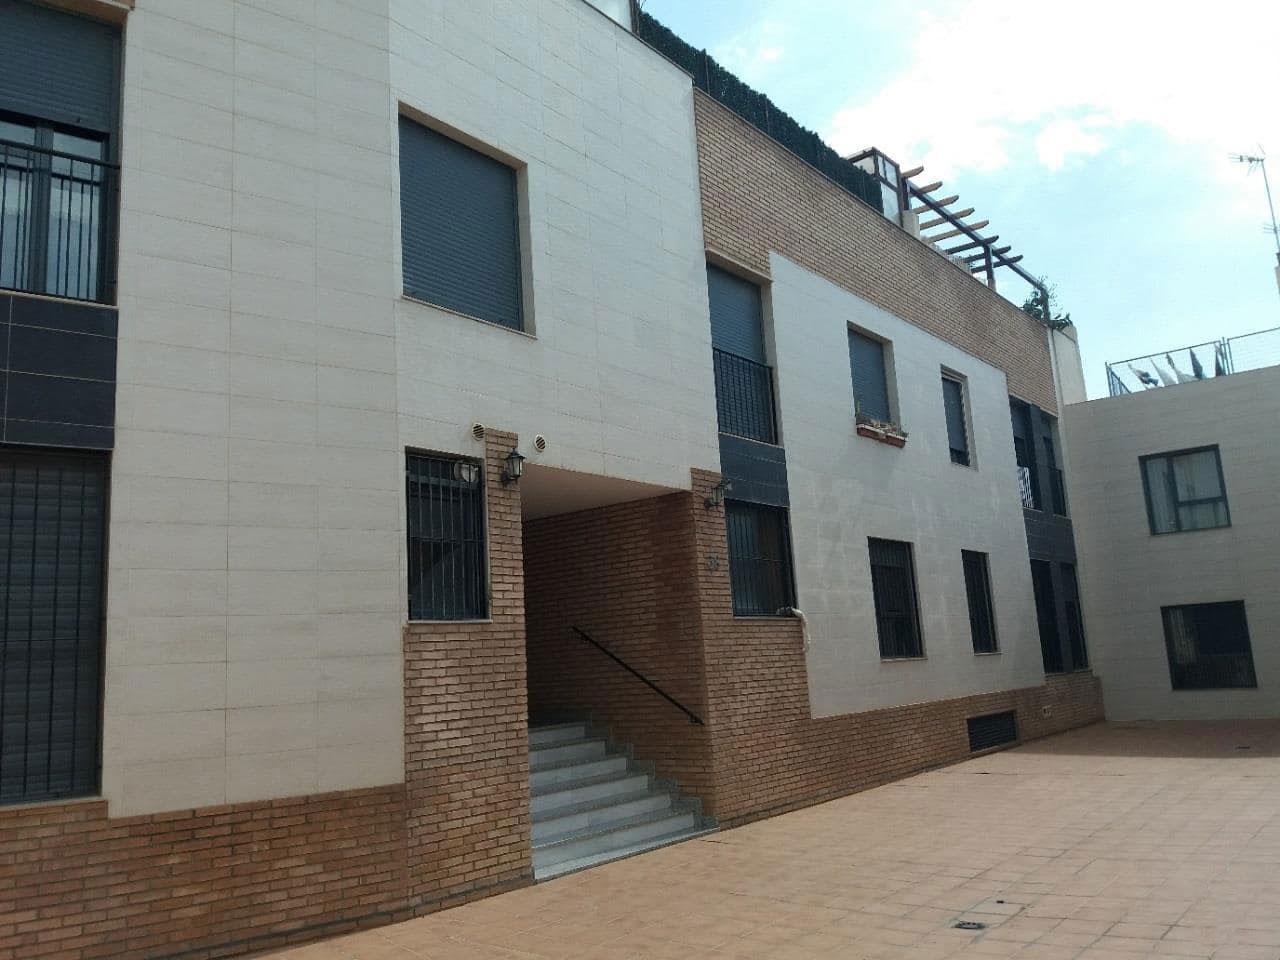 Piso en venta en Huércal de Almería, Almería, Calle Ferrocarril, 80.000 €, 3 habitaciones, 1 baño, 166 m2